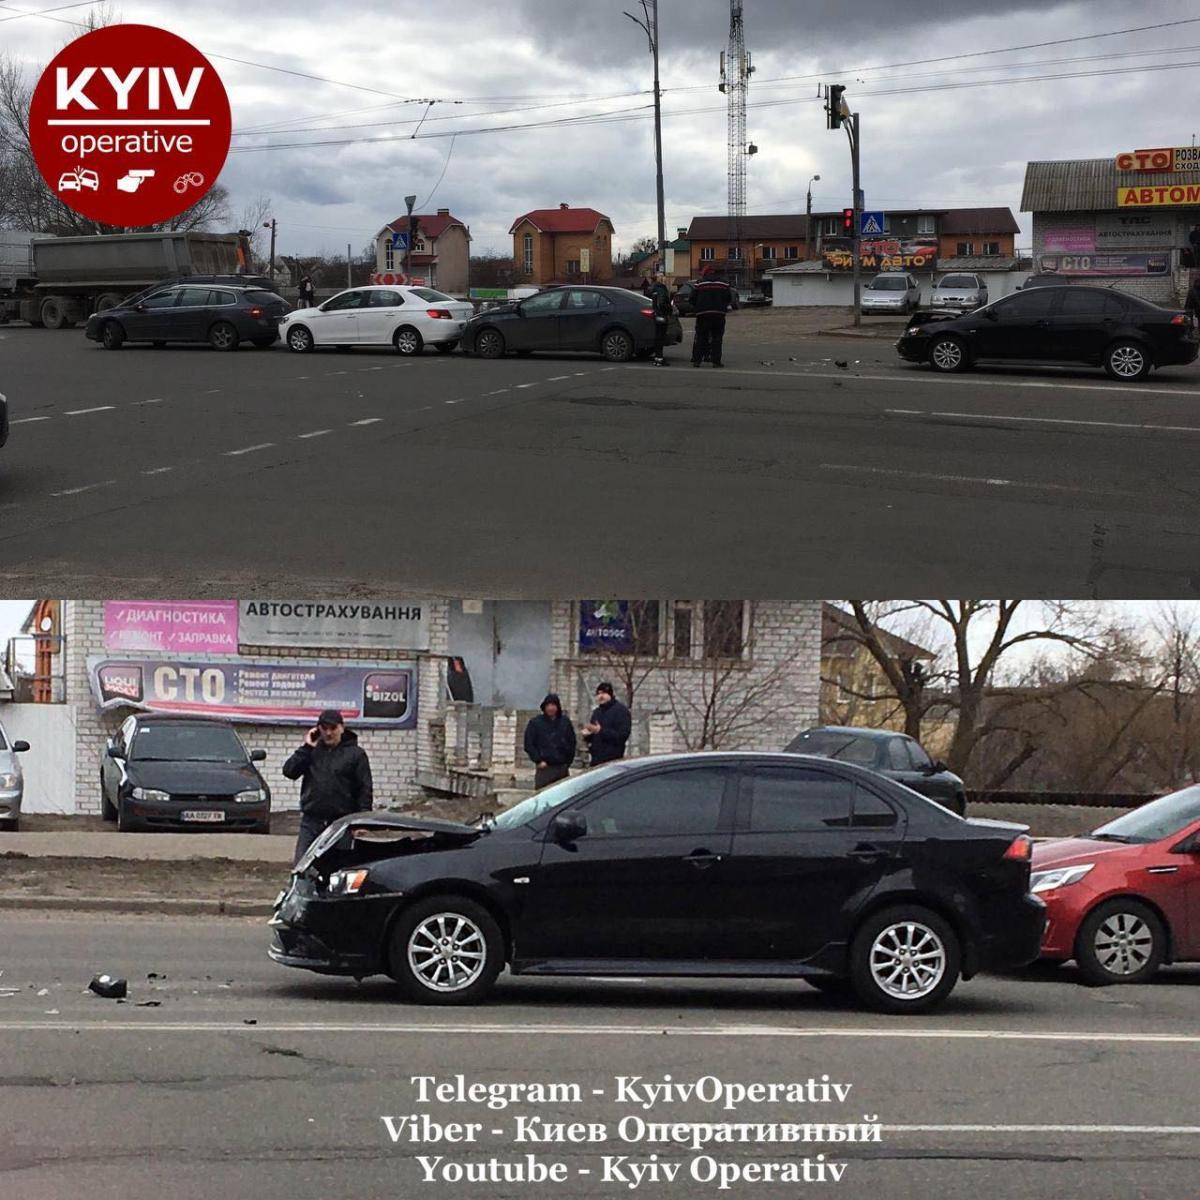 ДТП на Троещине / фото: Киев Оперативный Facebook